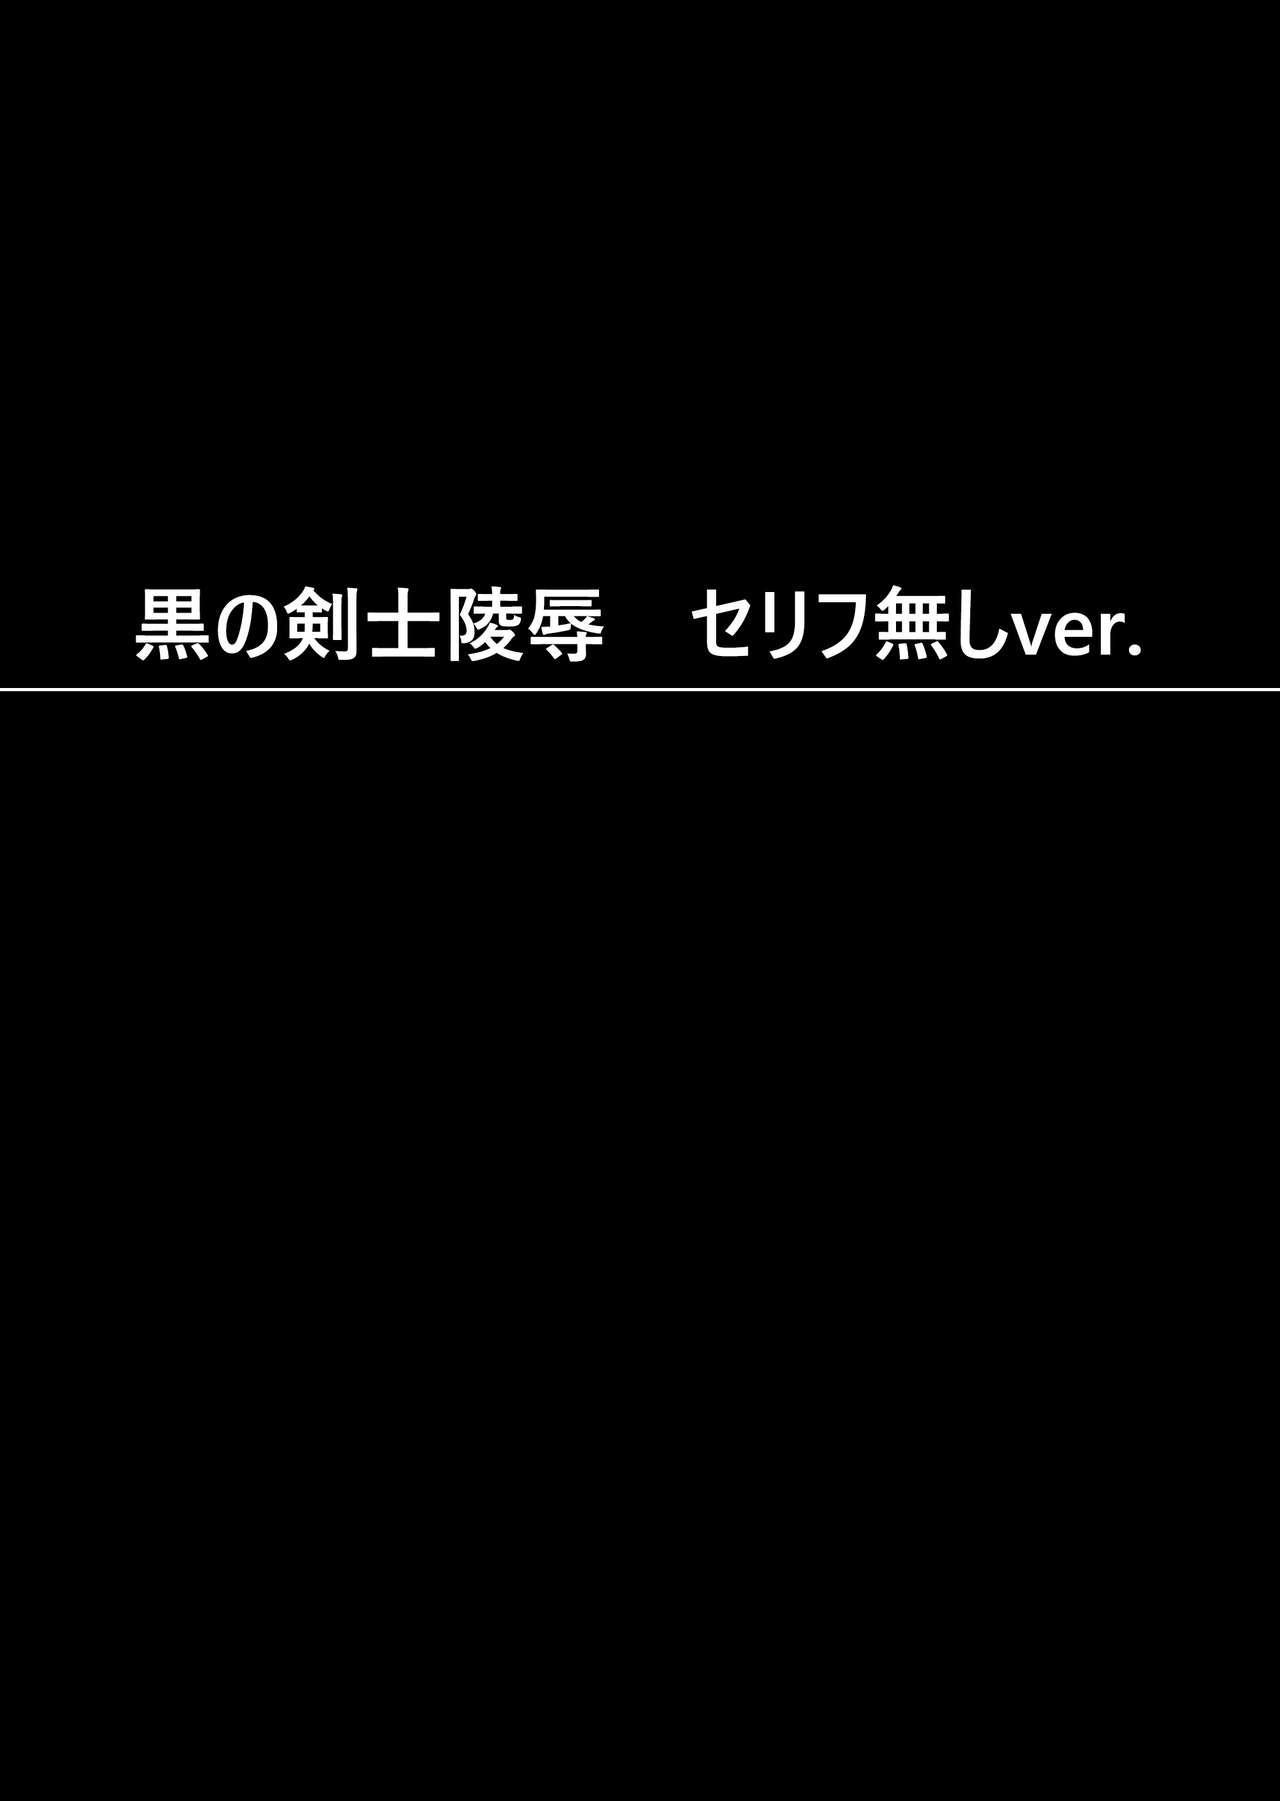 Kuro no Kenshi Ryoujoku 55